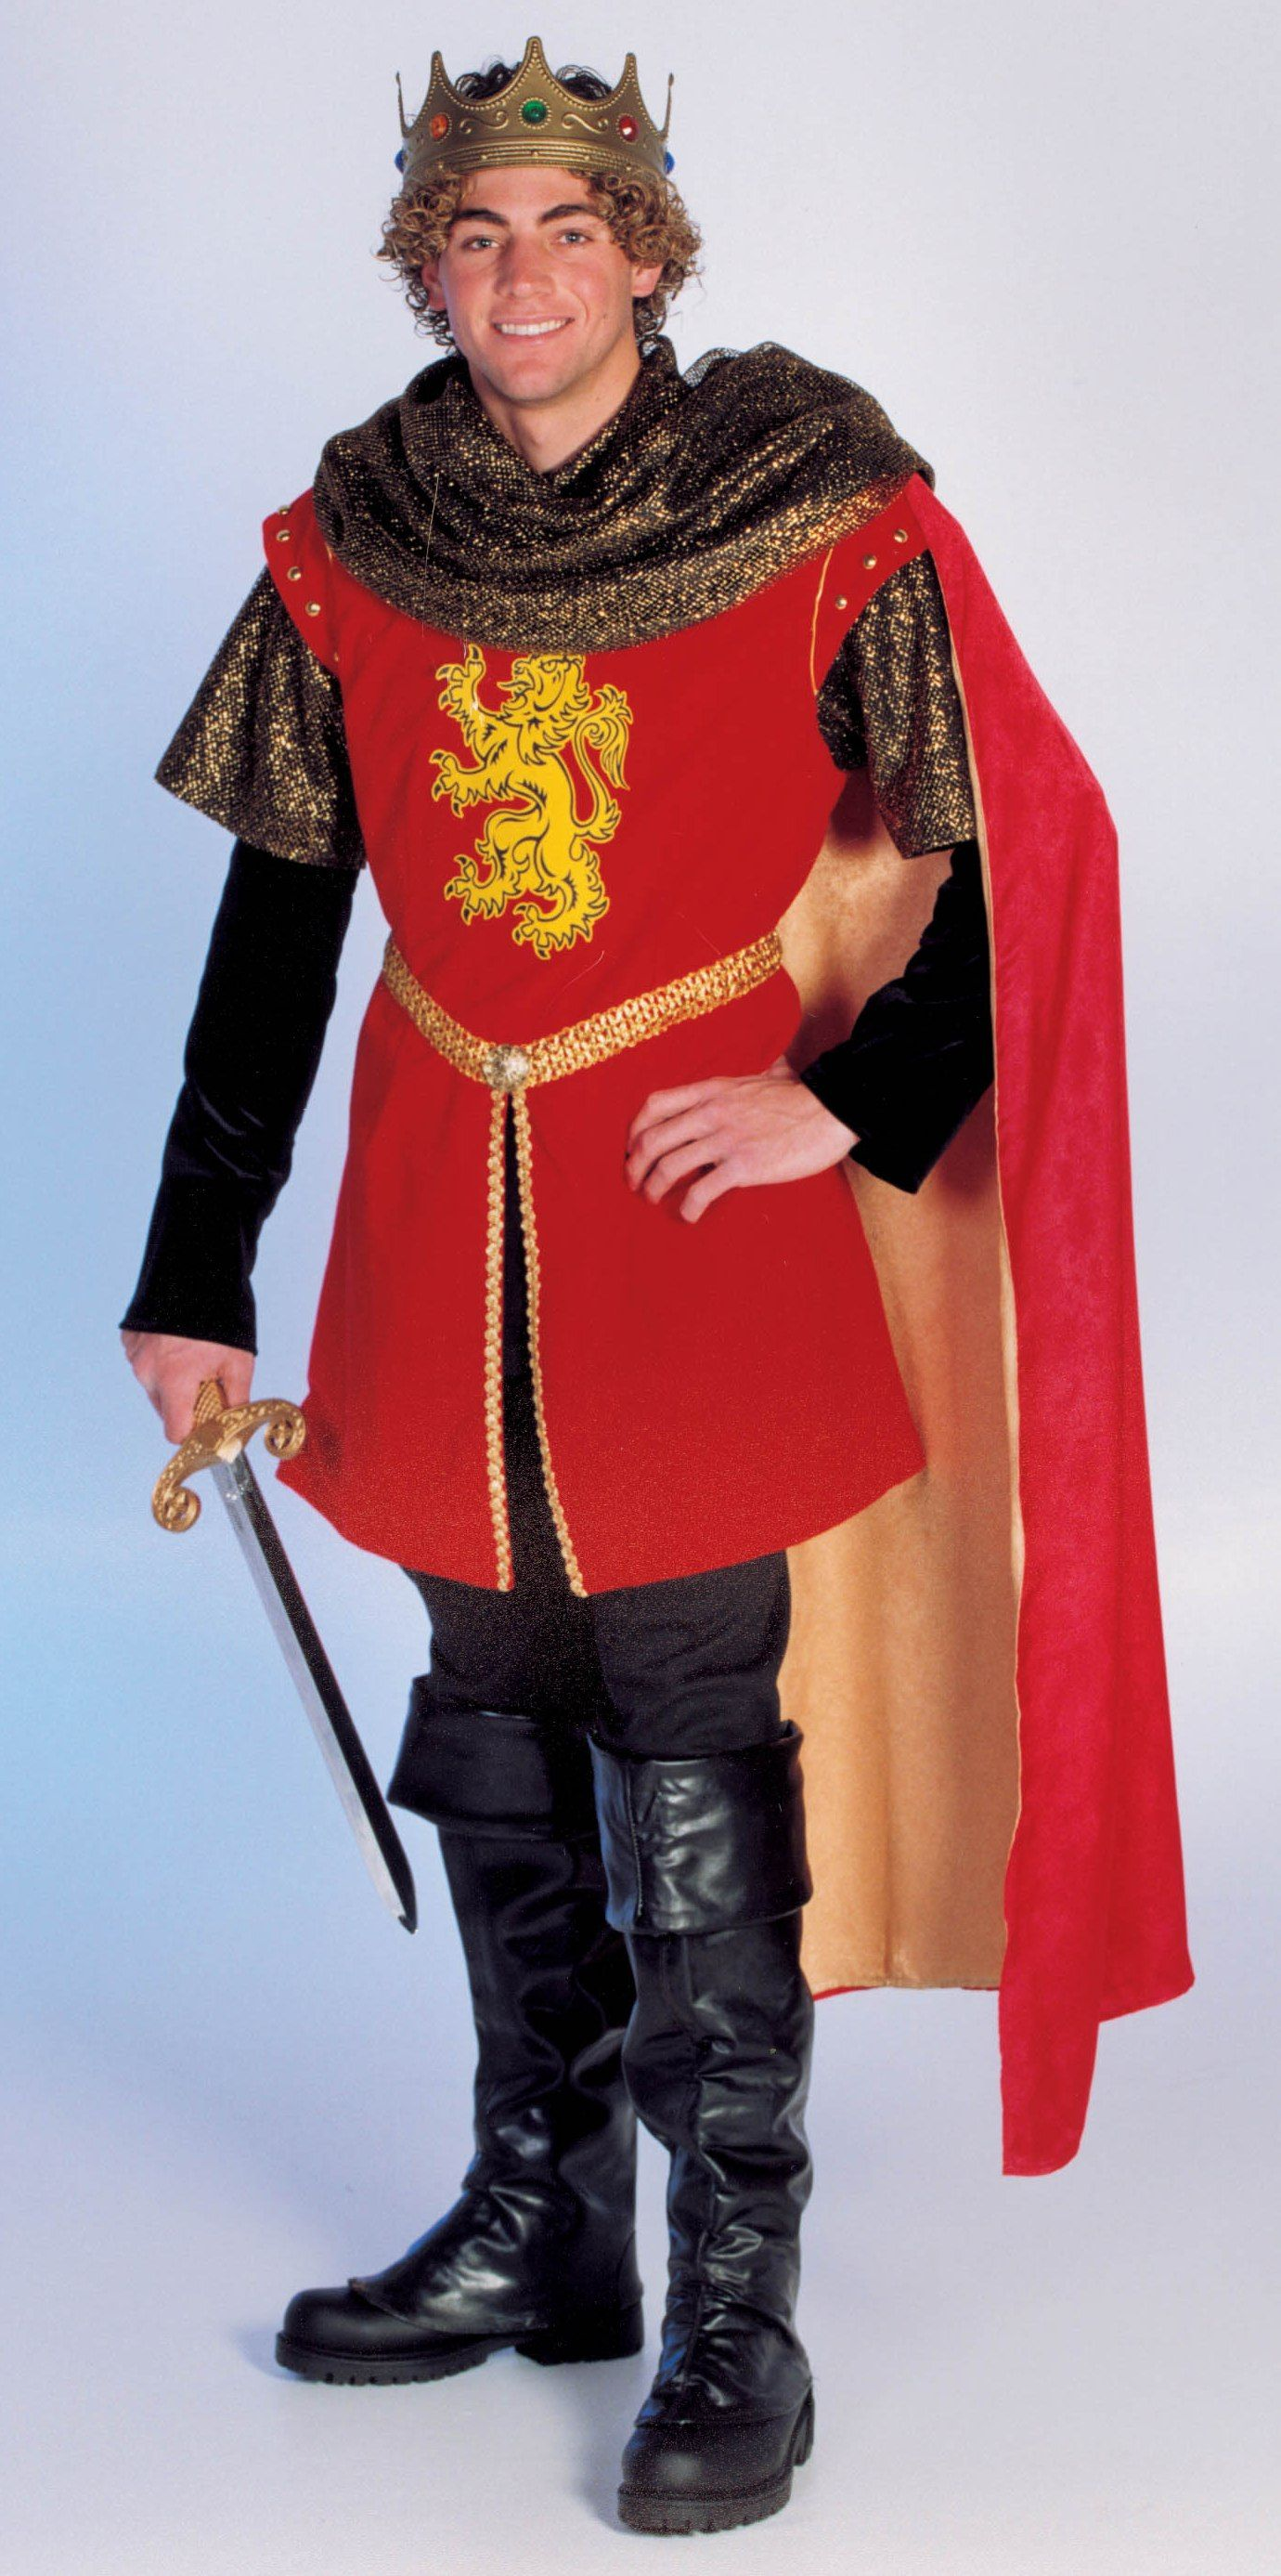 medieval clothing | Renaissance CostumeMedieval Renaissance Costumes Renaissance Clothing .  sc 1 st  Pinterest & medieval clothing | Renaissance CostumeMedieval Renaissance ...